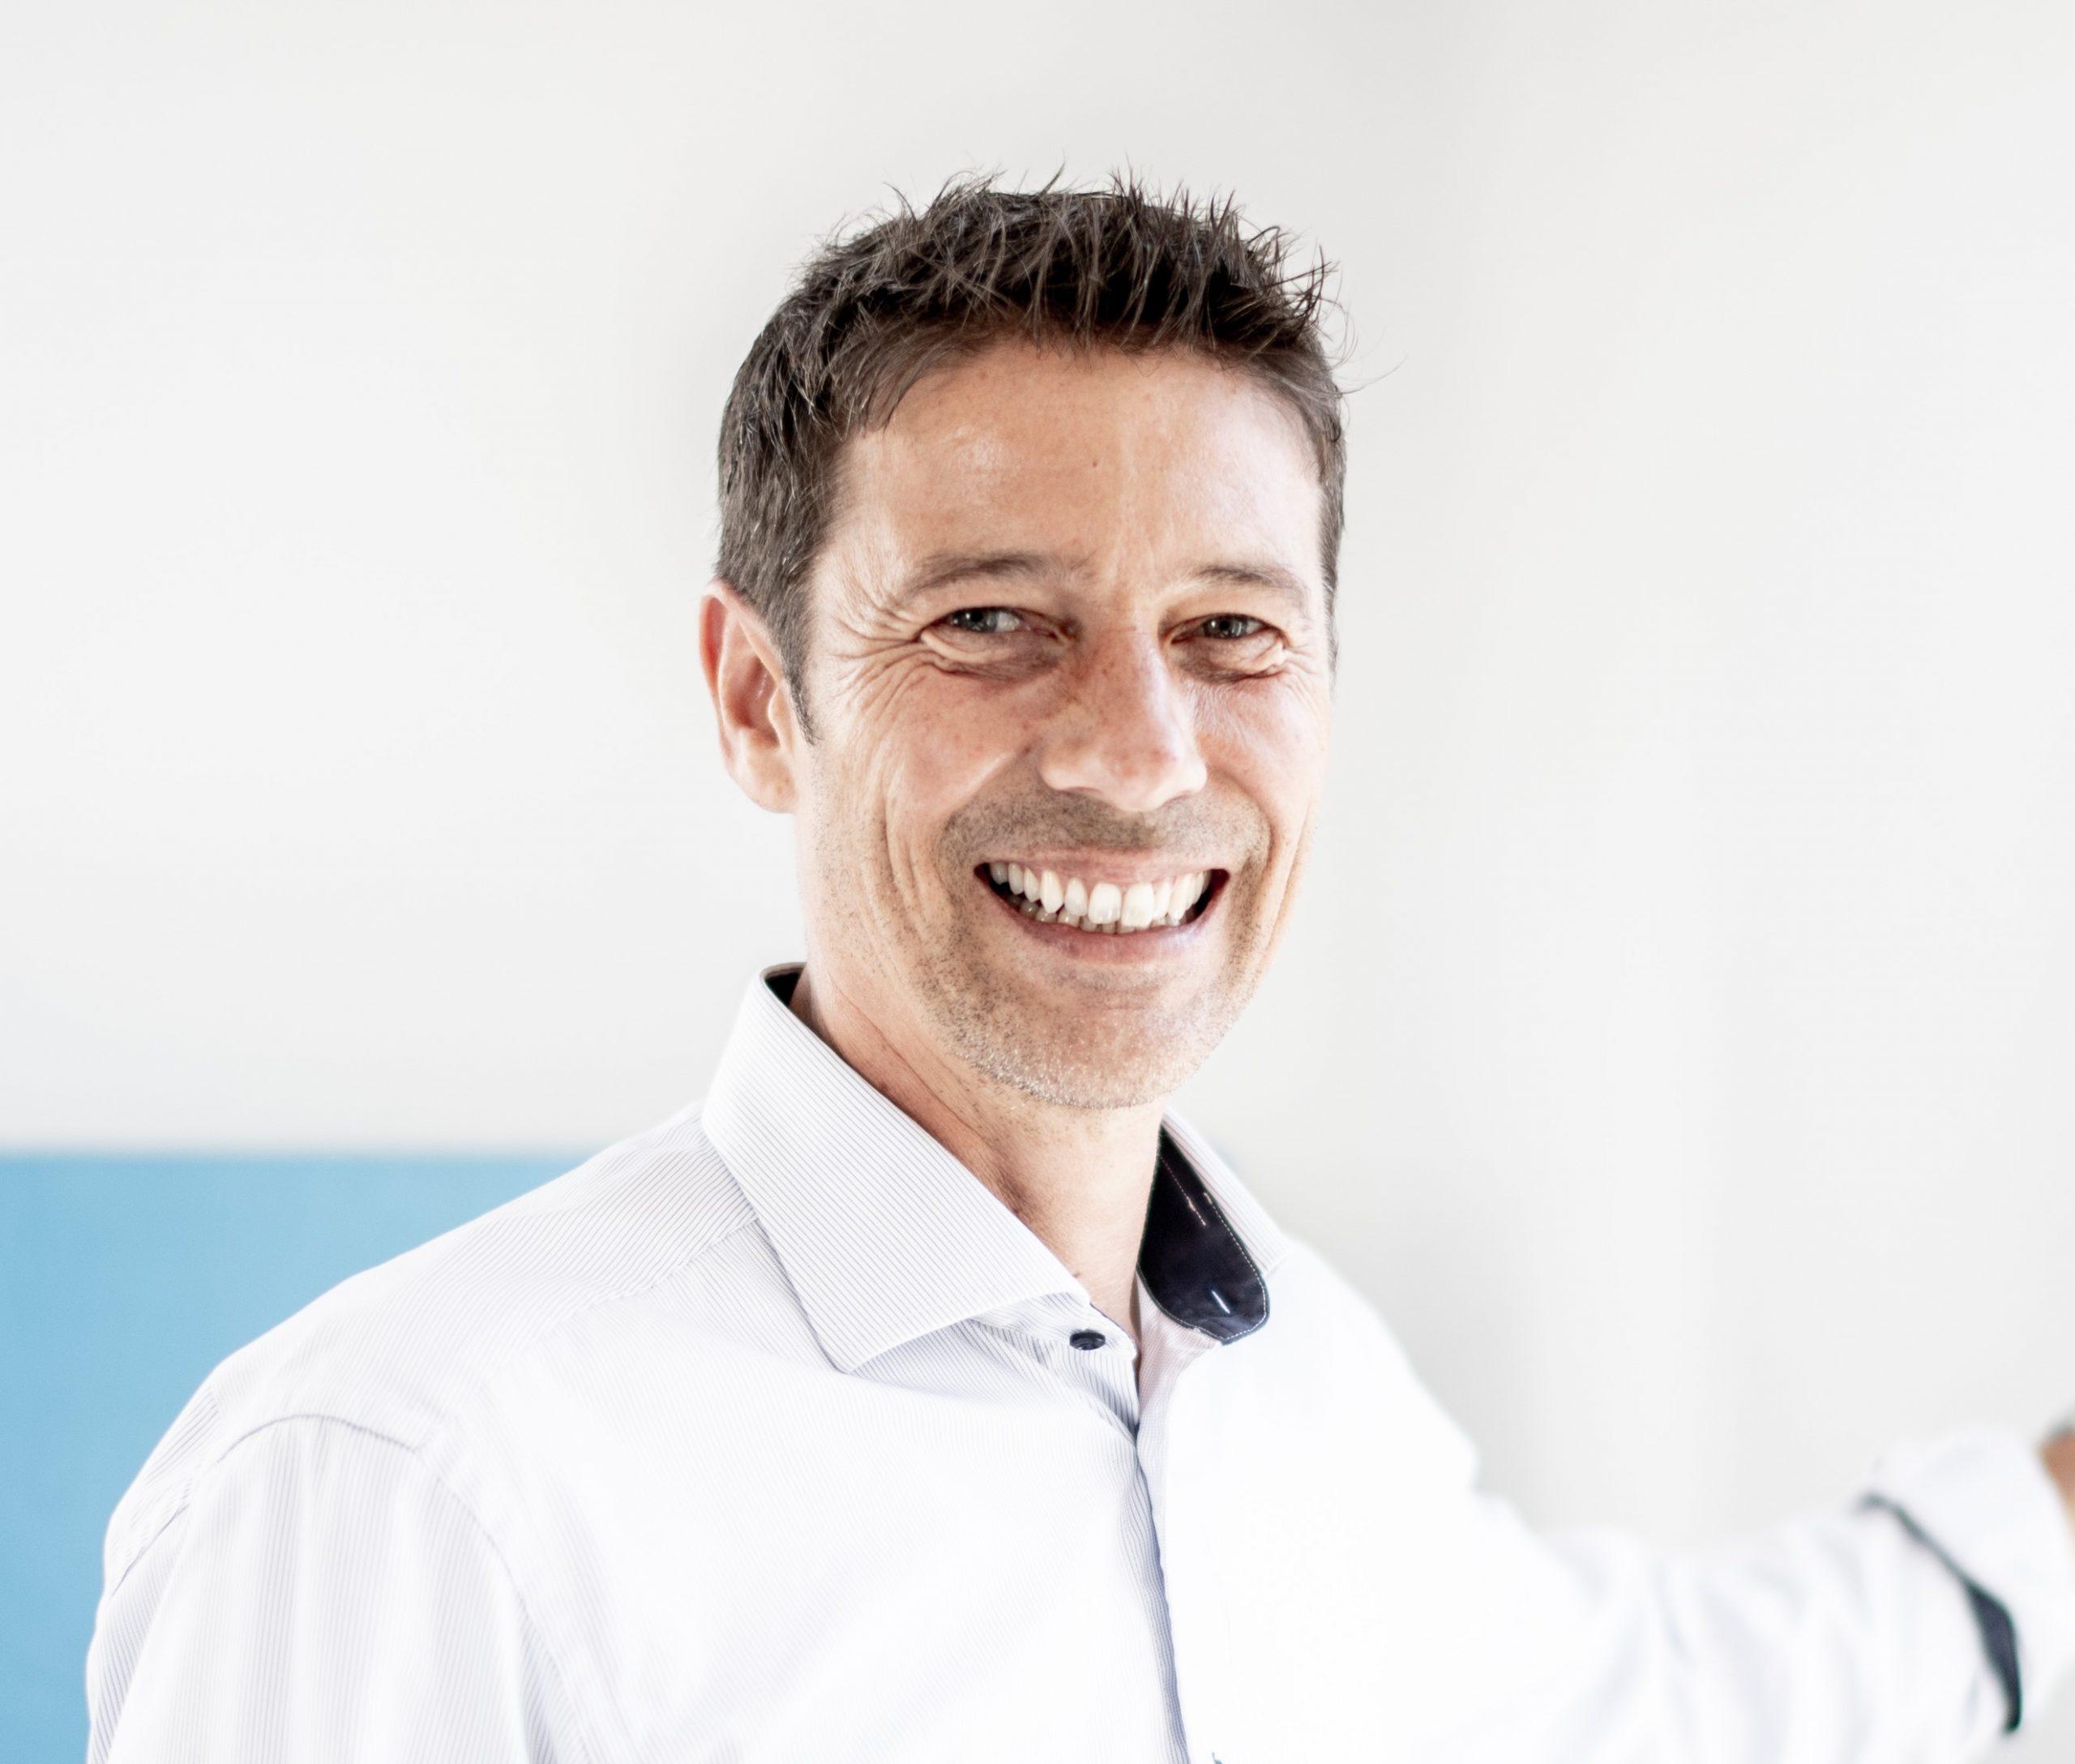 Joachim Torda lacht in die Kamera